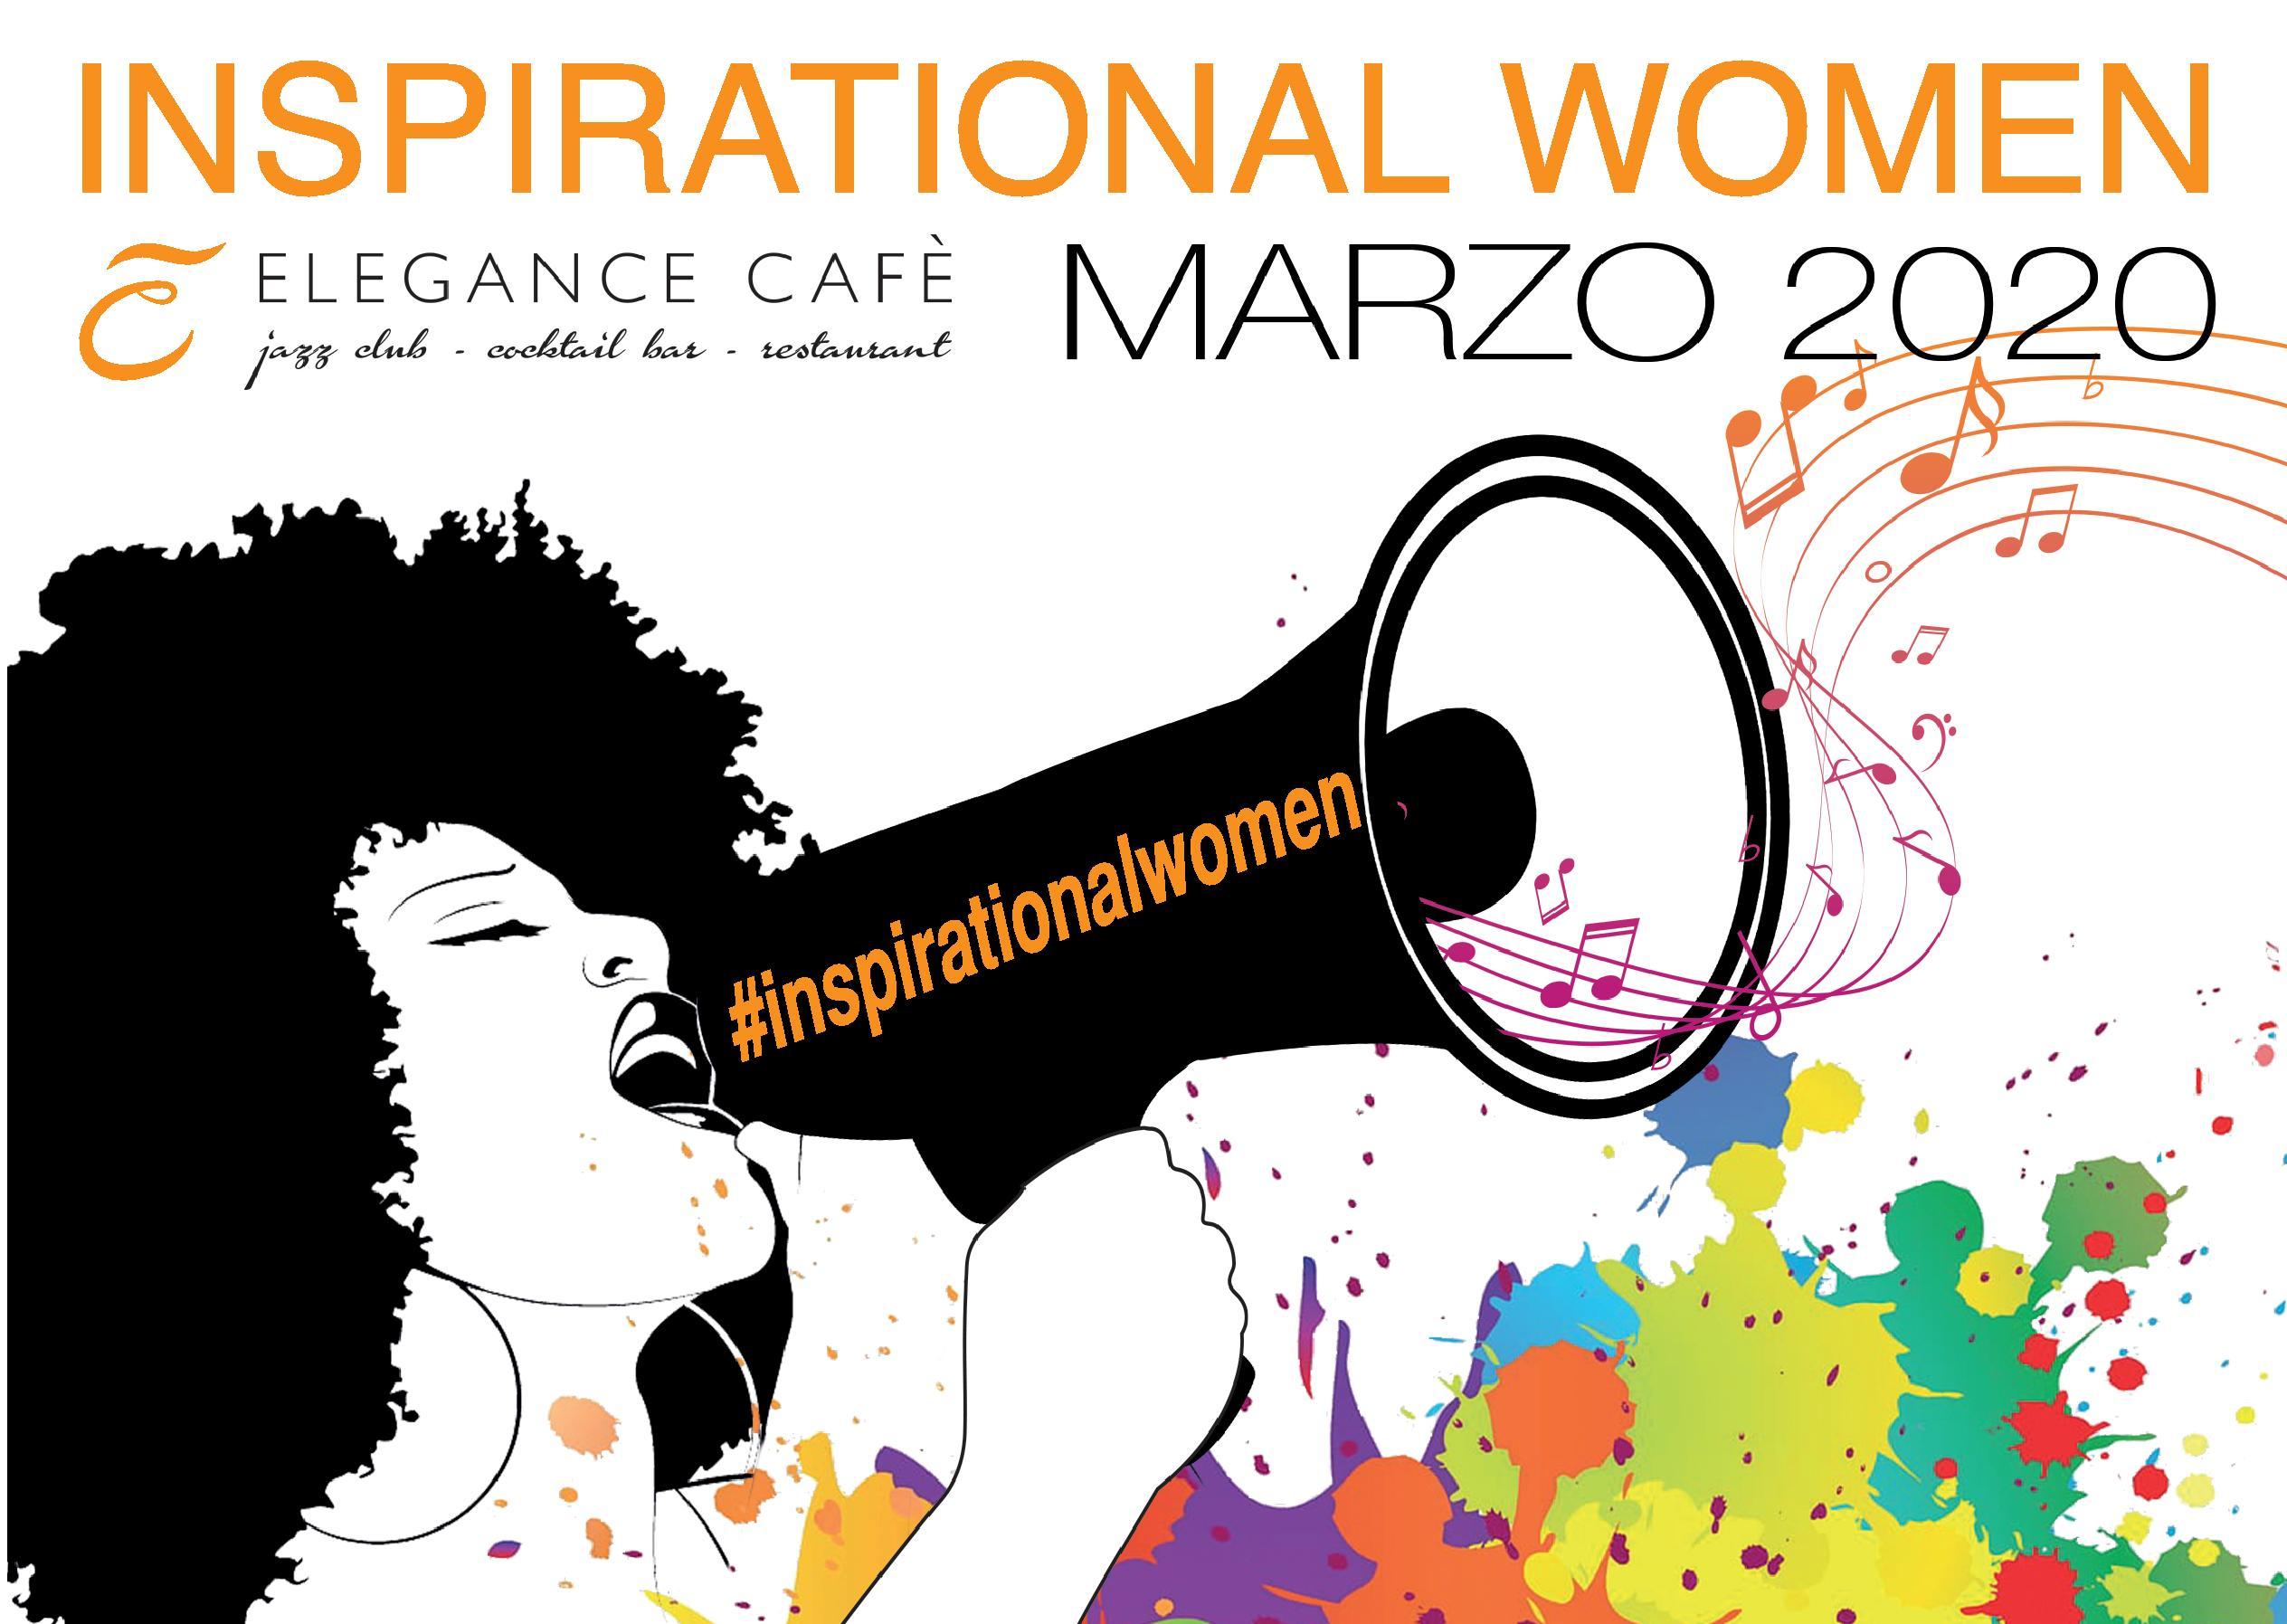 """27 artiste per """"Inspirational Women"""": a Roma la grande rassegna che unisce musica, importanti tematiche e storie ispiranti"""